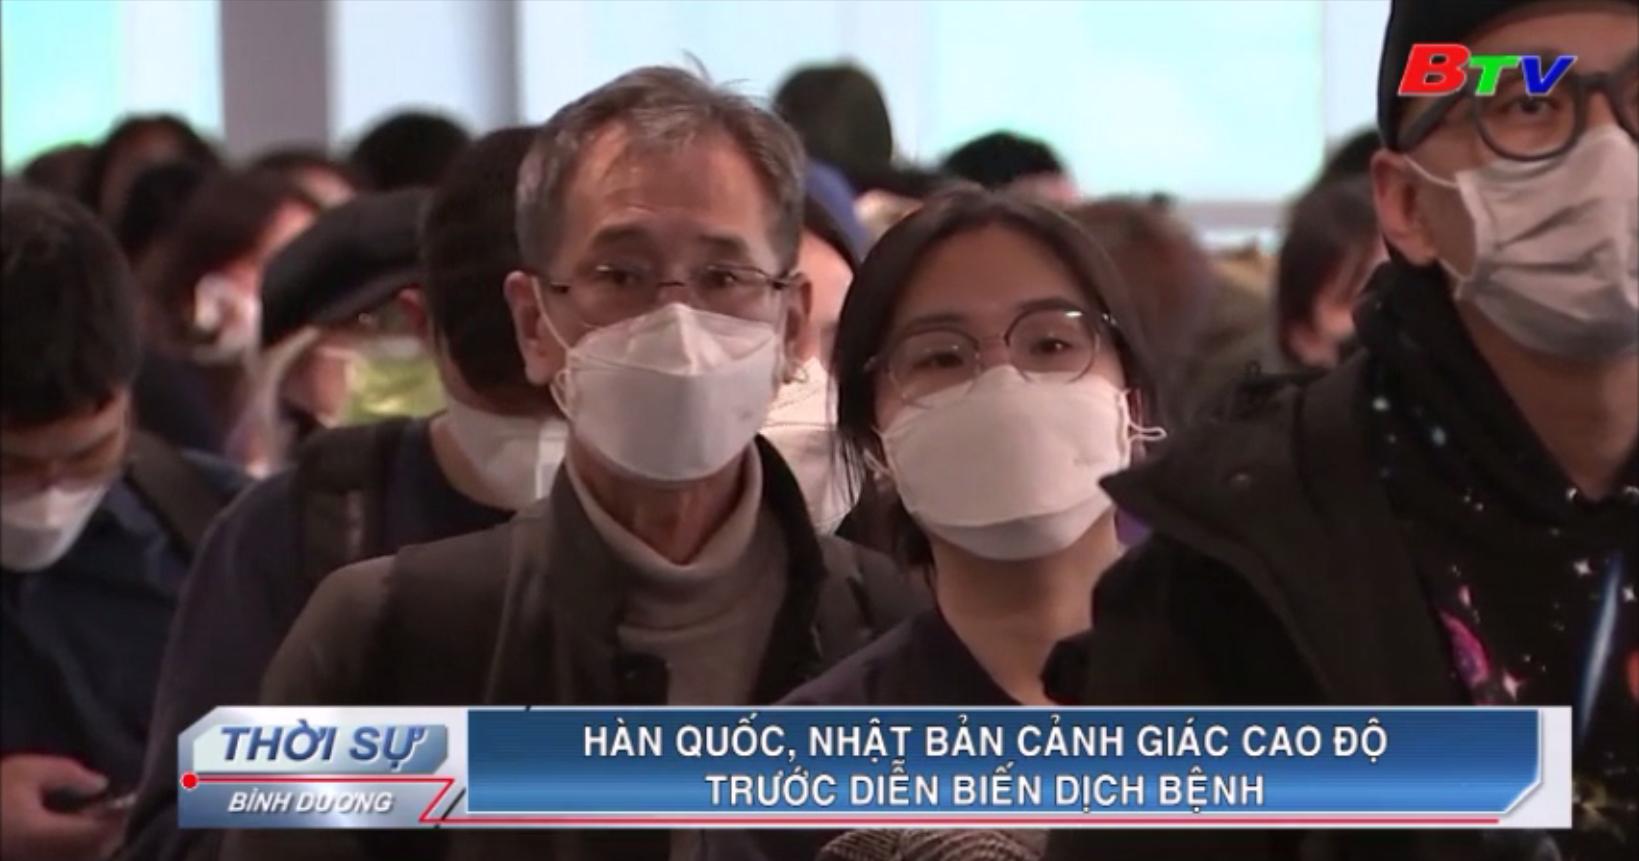 Hàn Quốc, Nhật Bản cảnh giác cao độ trước diễn biến dịch bệnh